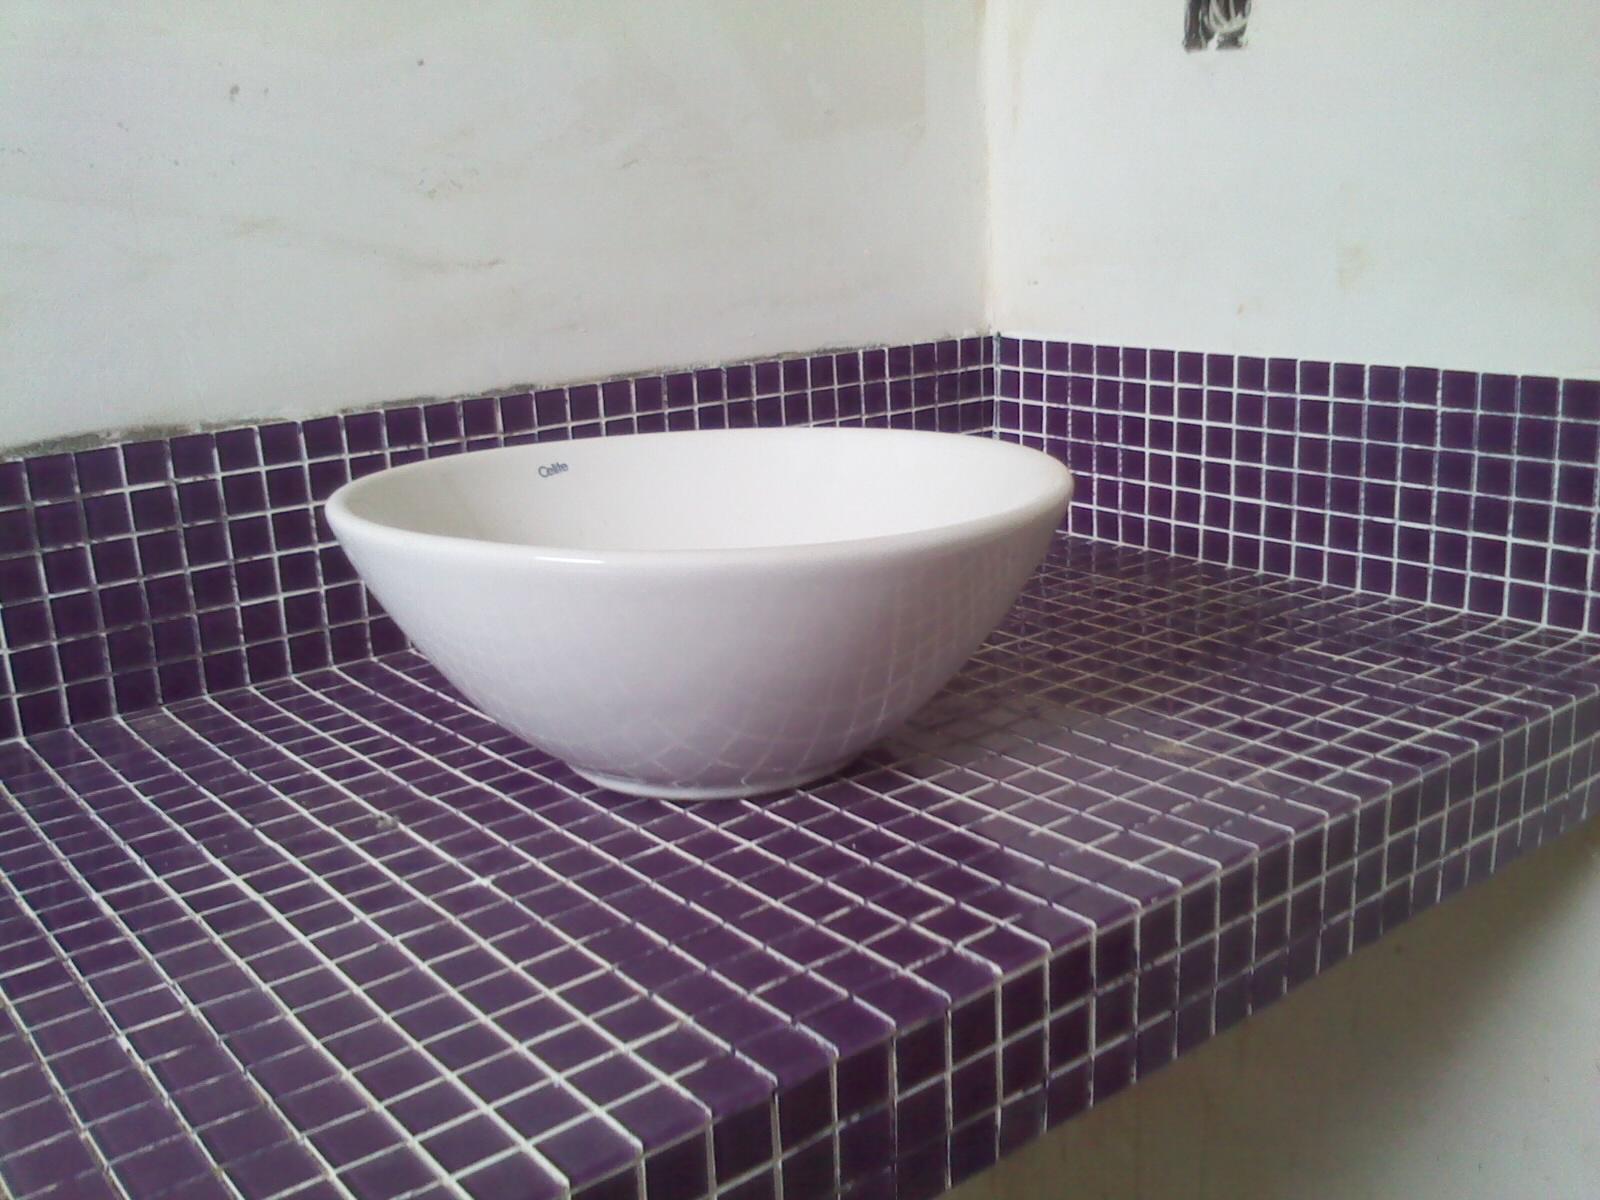 Nosso novo lar !! Bancada do banheiro  pastilha de vidro -> Bancada De Banheiro Com Pastilha De Vidro